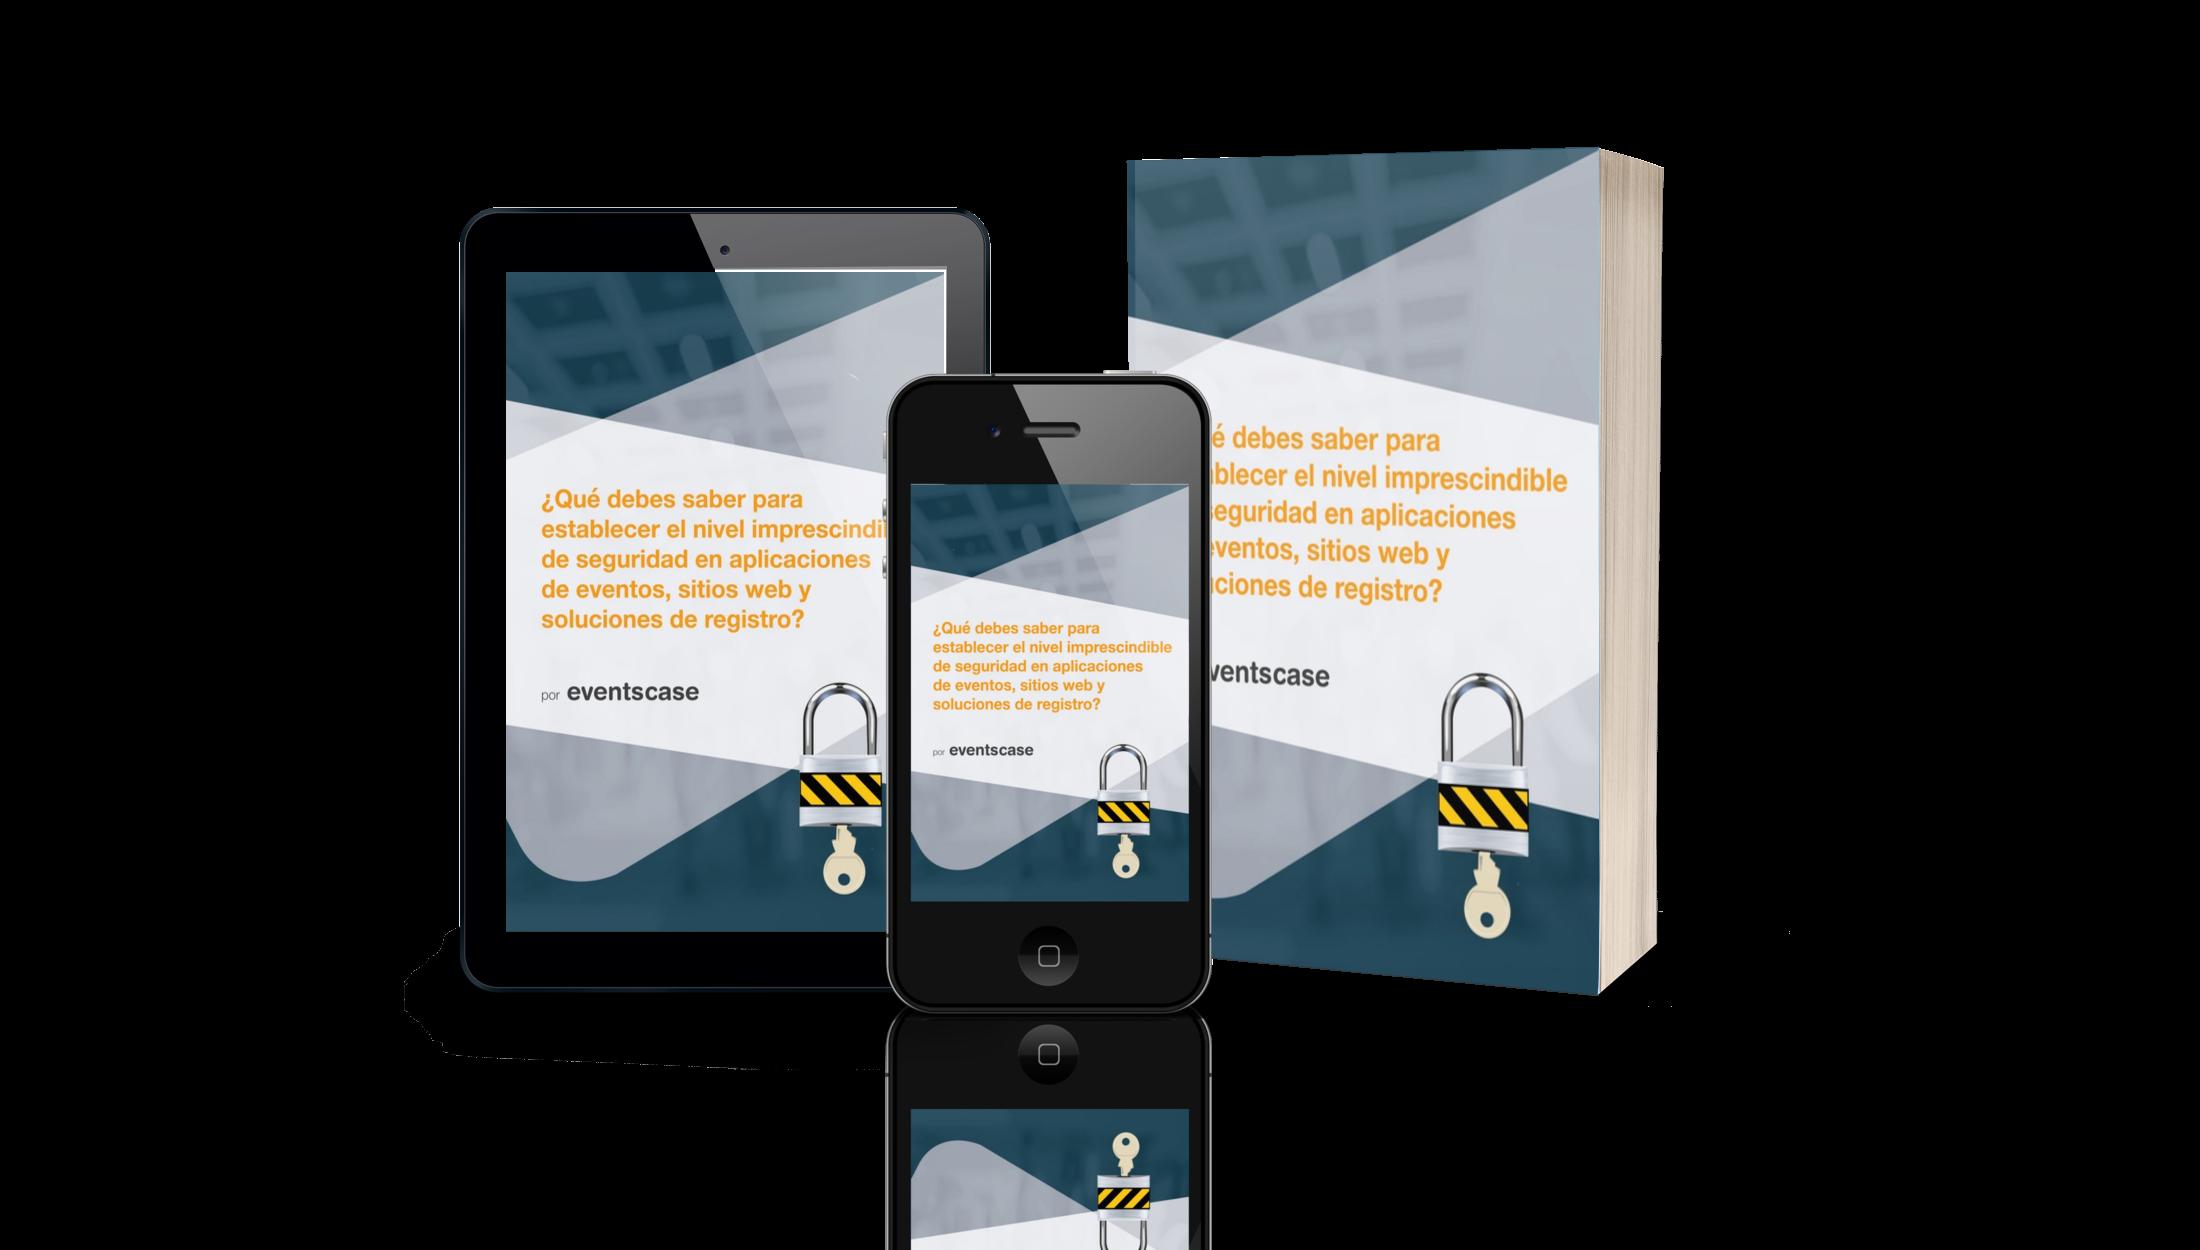 eventscase seguridad whitepaper es - ¿Qué debes saber para establecer el nivel imprescindible de seguridad en aplicaciones de eventos, sitios web y soluciones de registro?